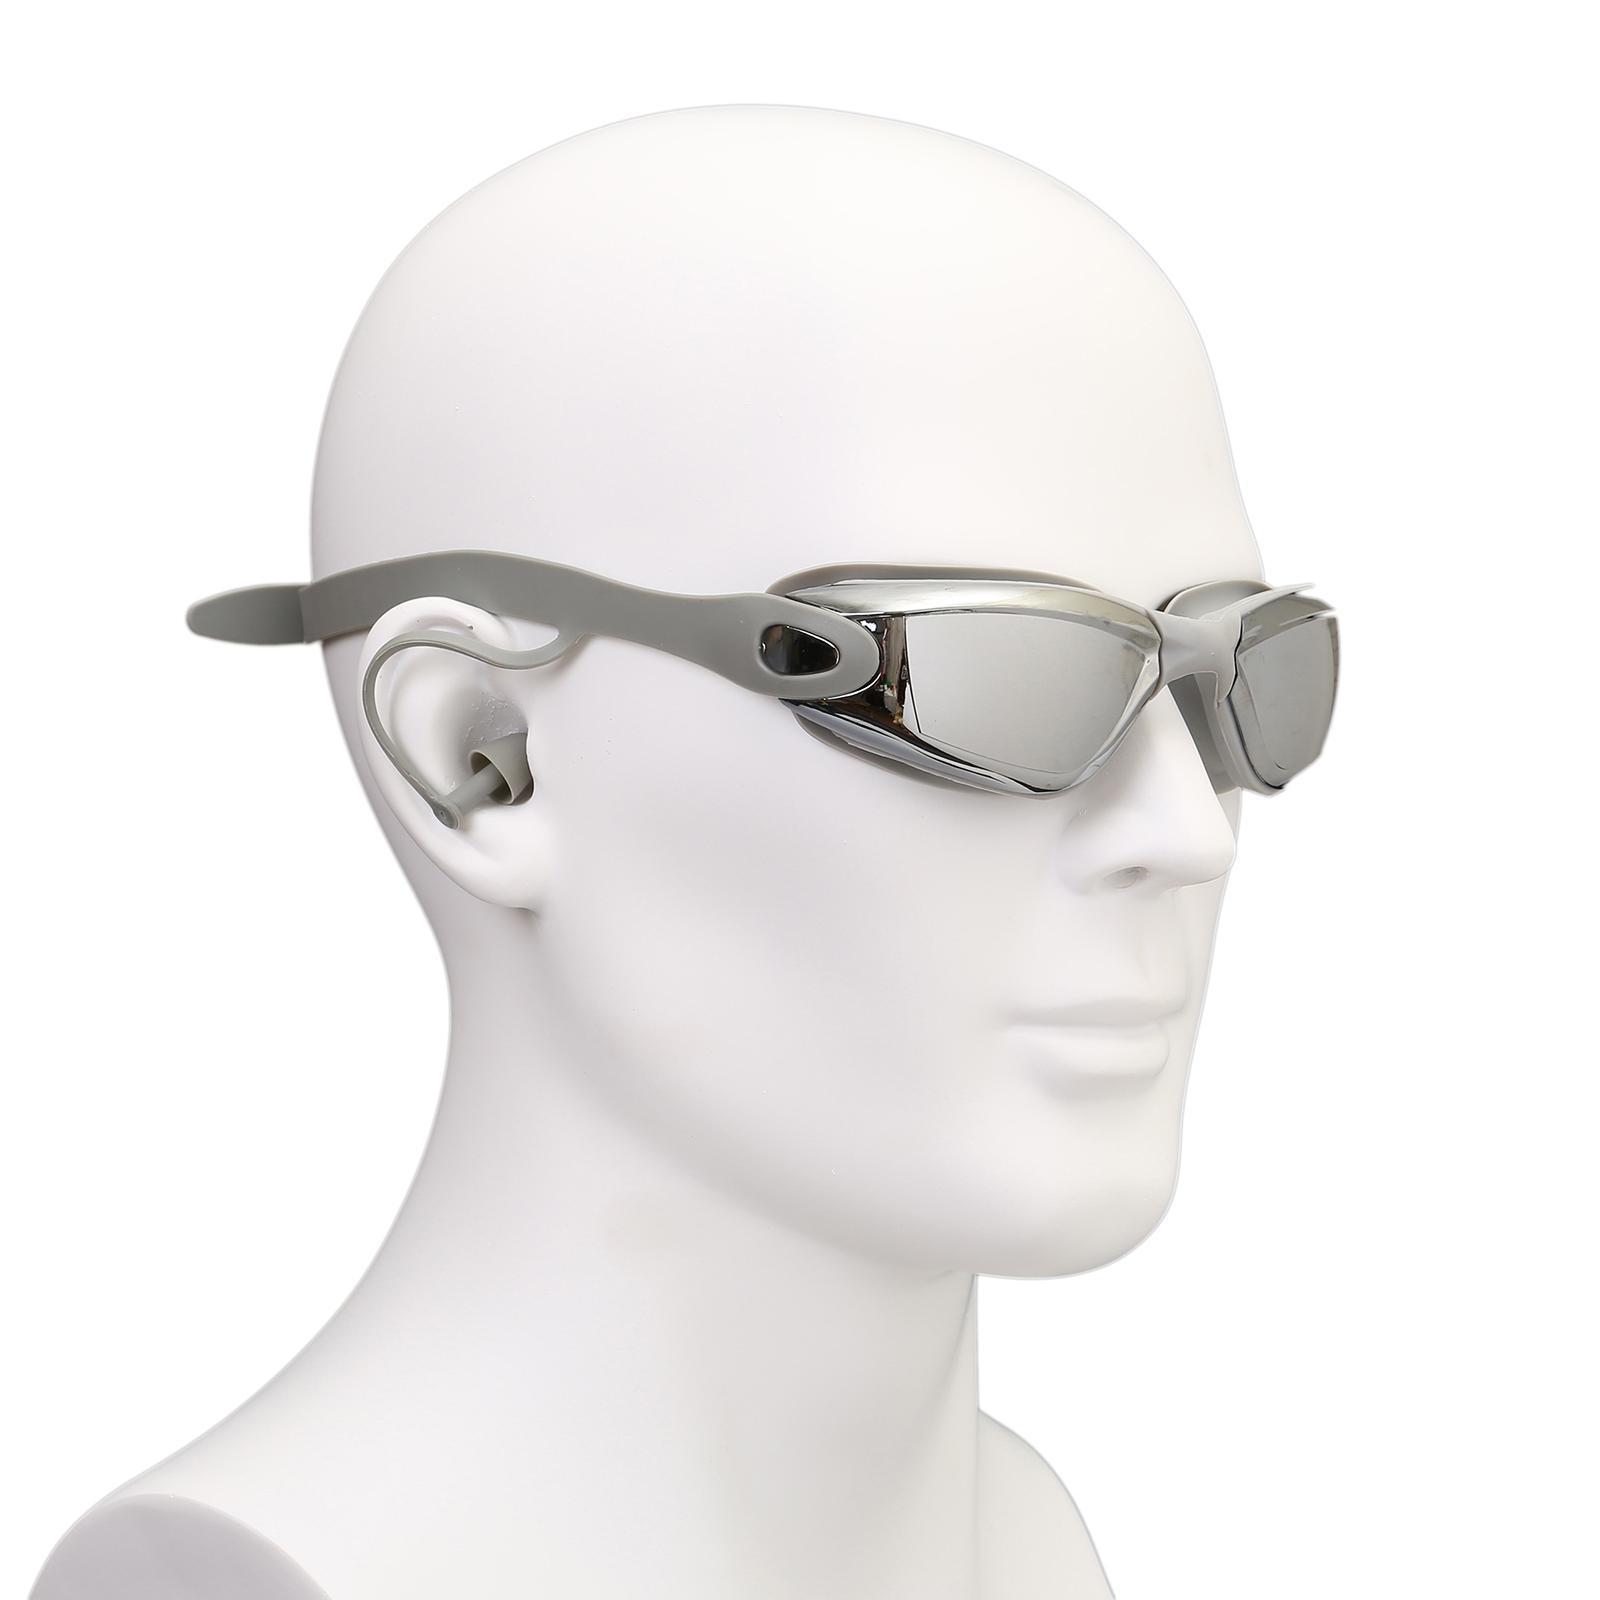 miniatura 3 - Occhialini da nuoto, protezione UV Occhialini da nuoto anti-appannamento Unisex